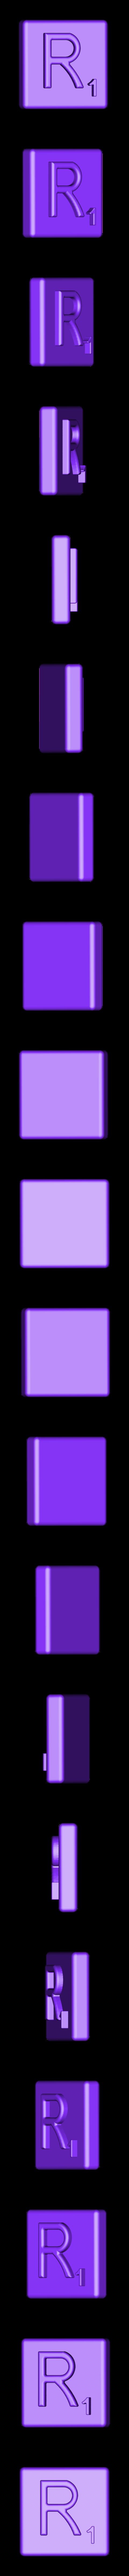 Single_Extruded_R.STL Télécharger fichier STL gratuit Pièces et support SCRABBBLE • Design pour imprimante 3D, Balkhagal4D